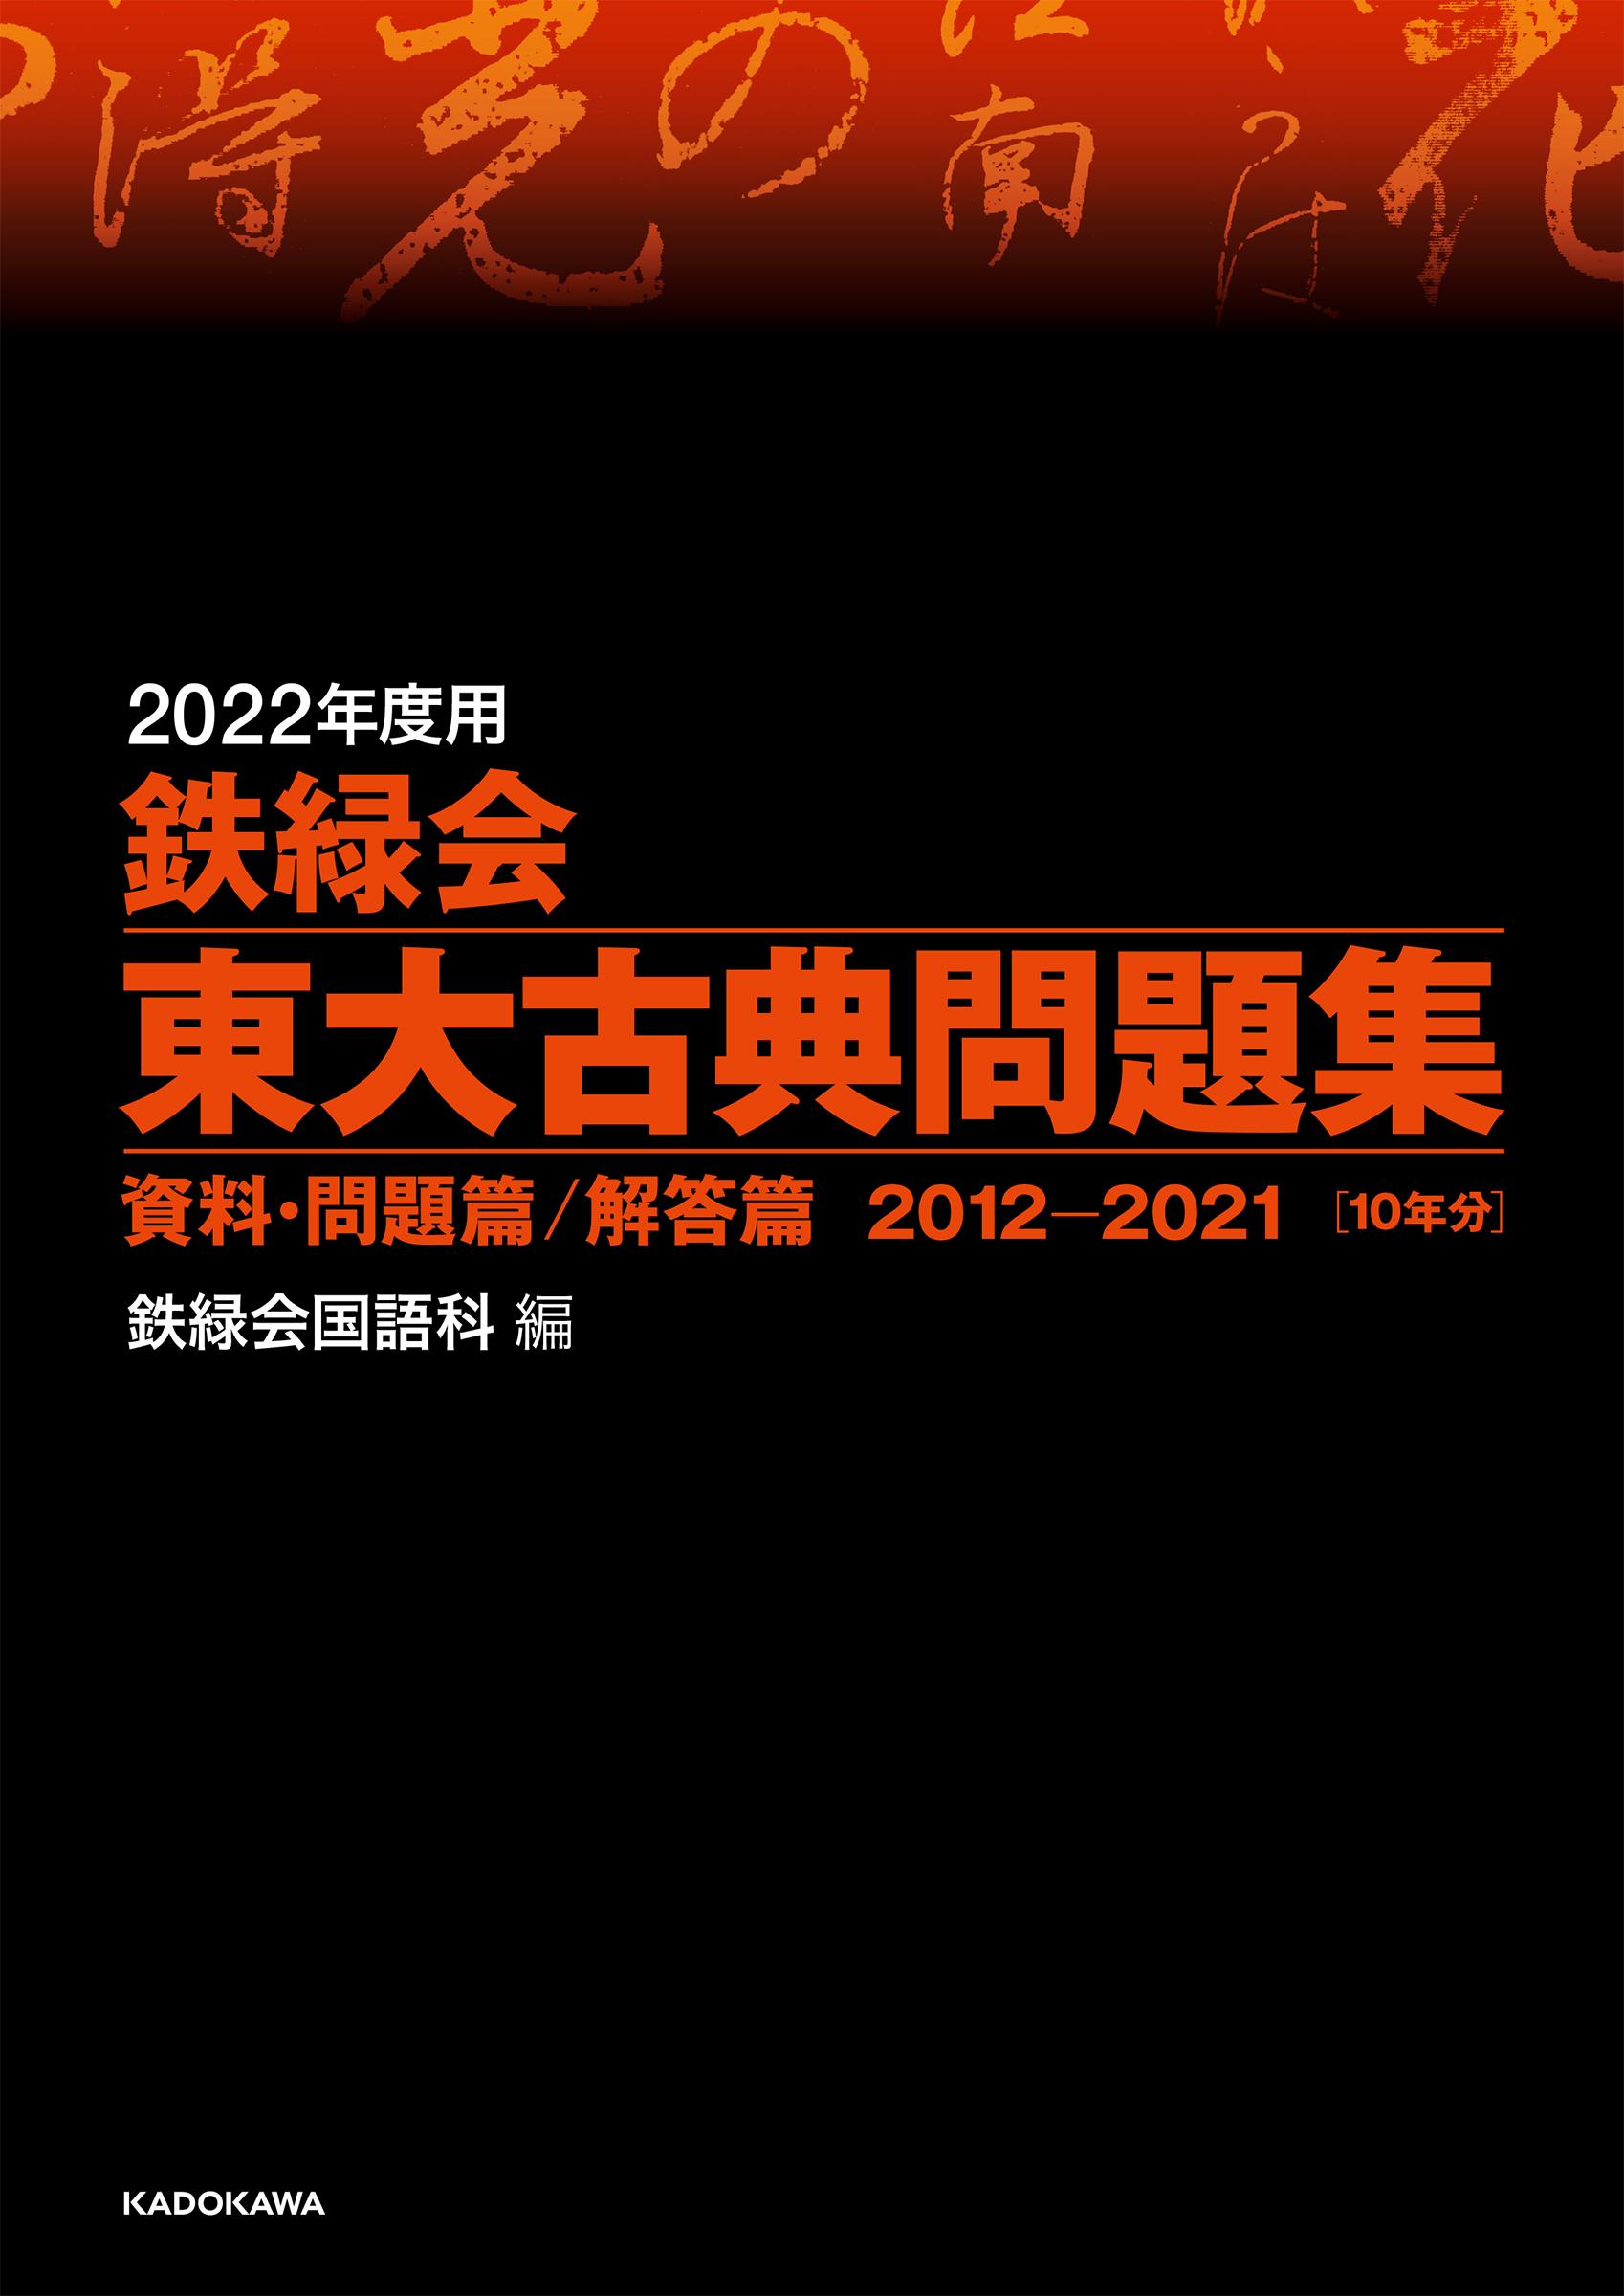 2022年度用 鉄緑会東大古典問題集 資料・問題篇/解答篇 2012-2021